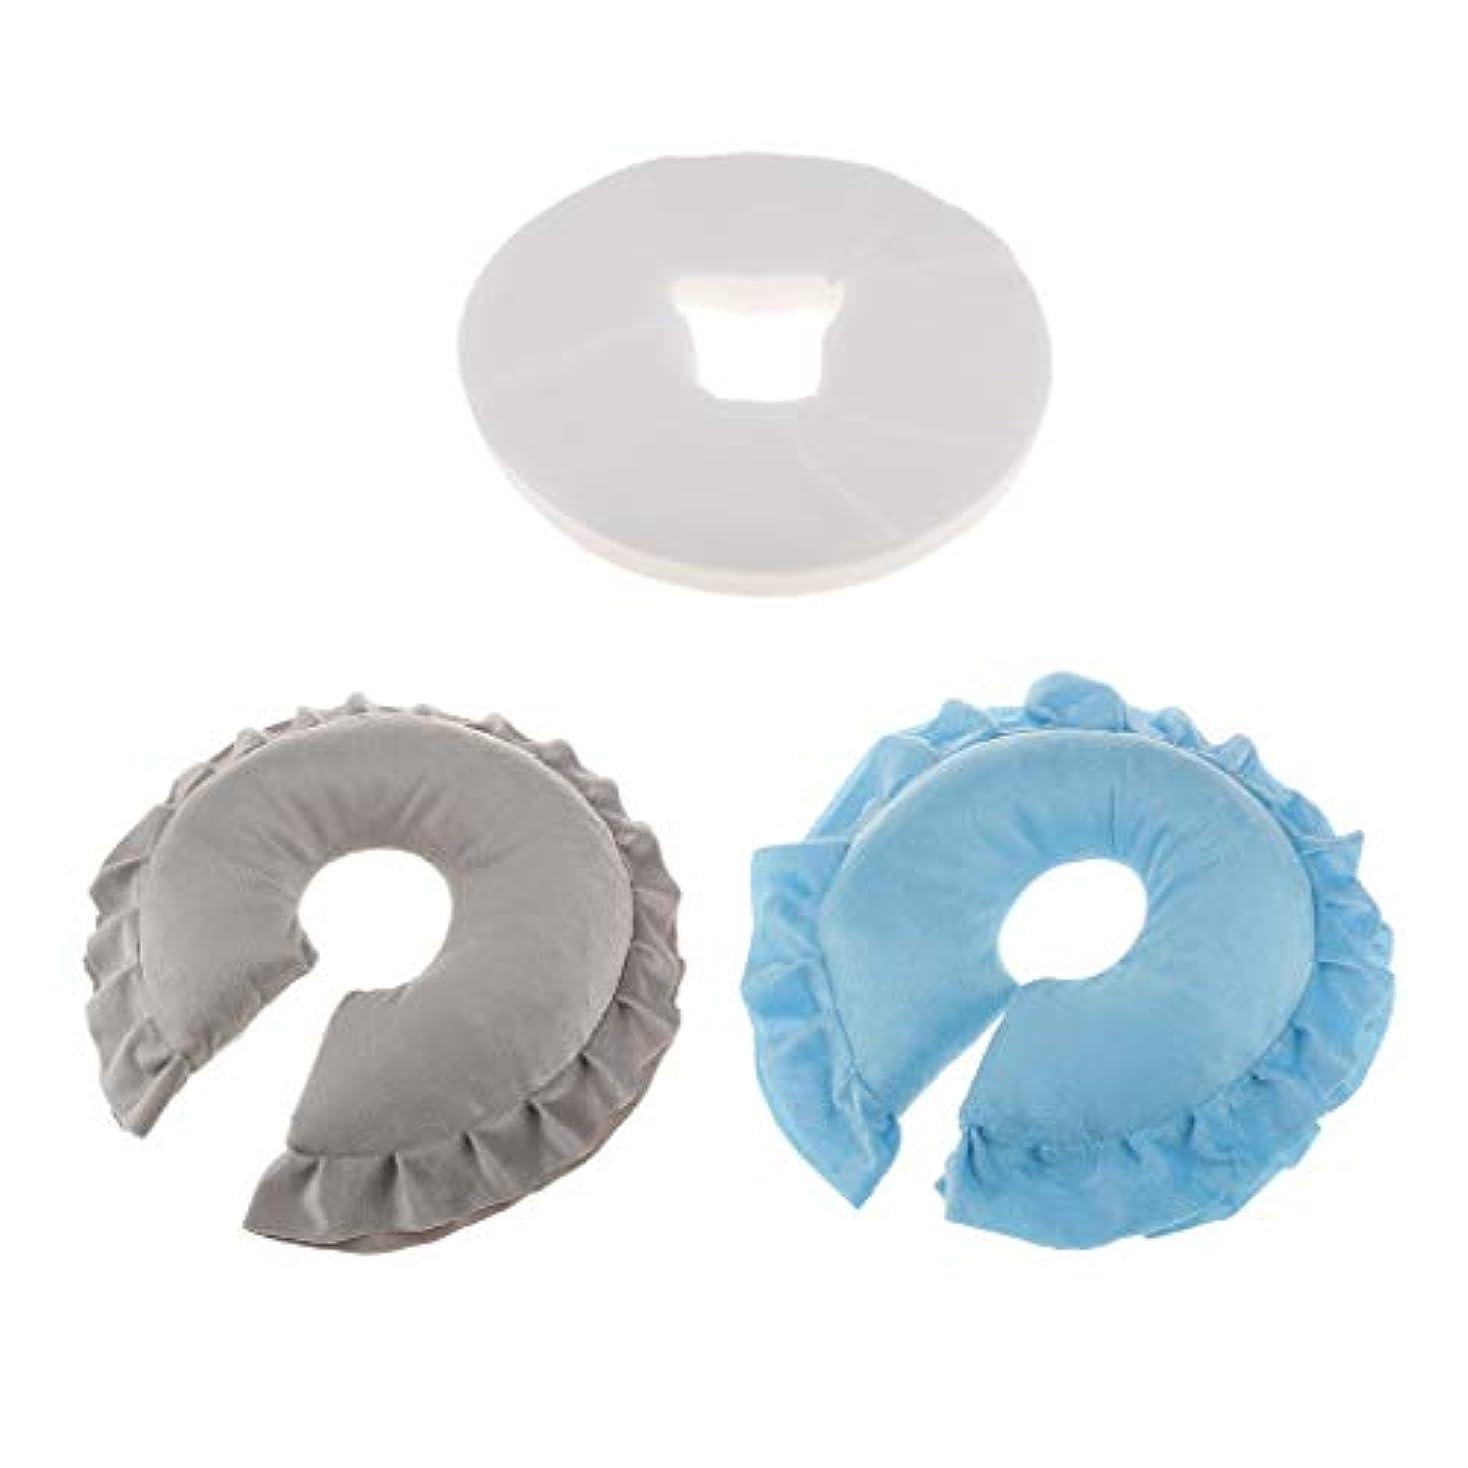 空虚平和的ケージdailymall 2x美容院のマッサージの顔の揺りかごの枕+100の使い捨て可能なクッションカバー